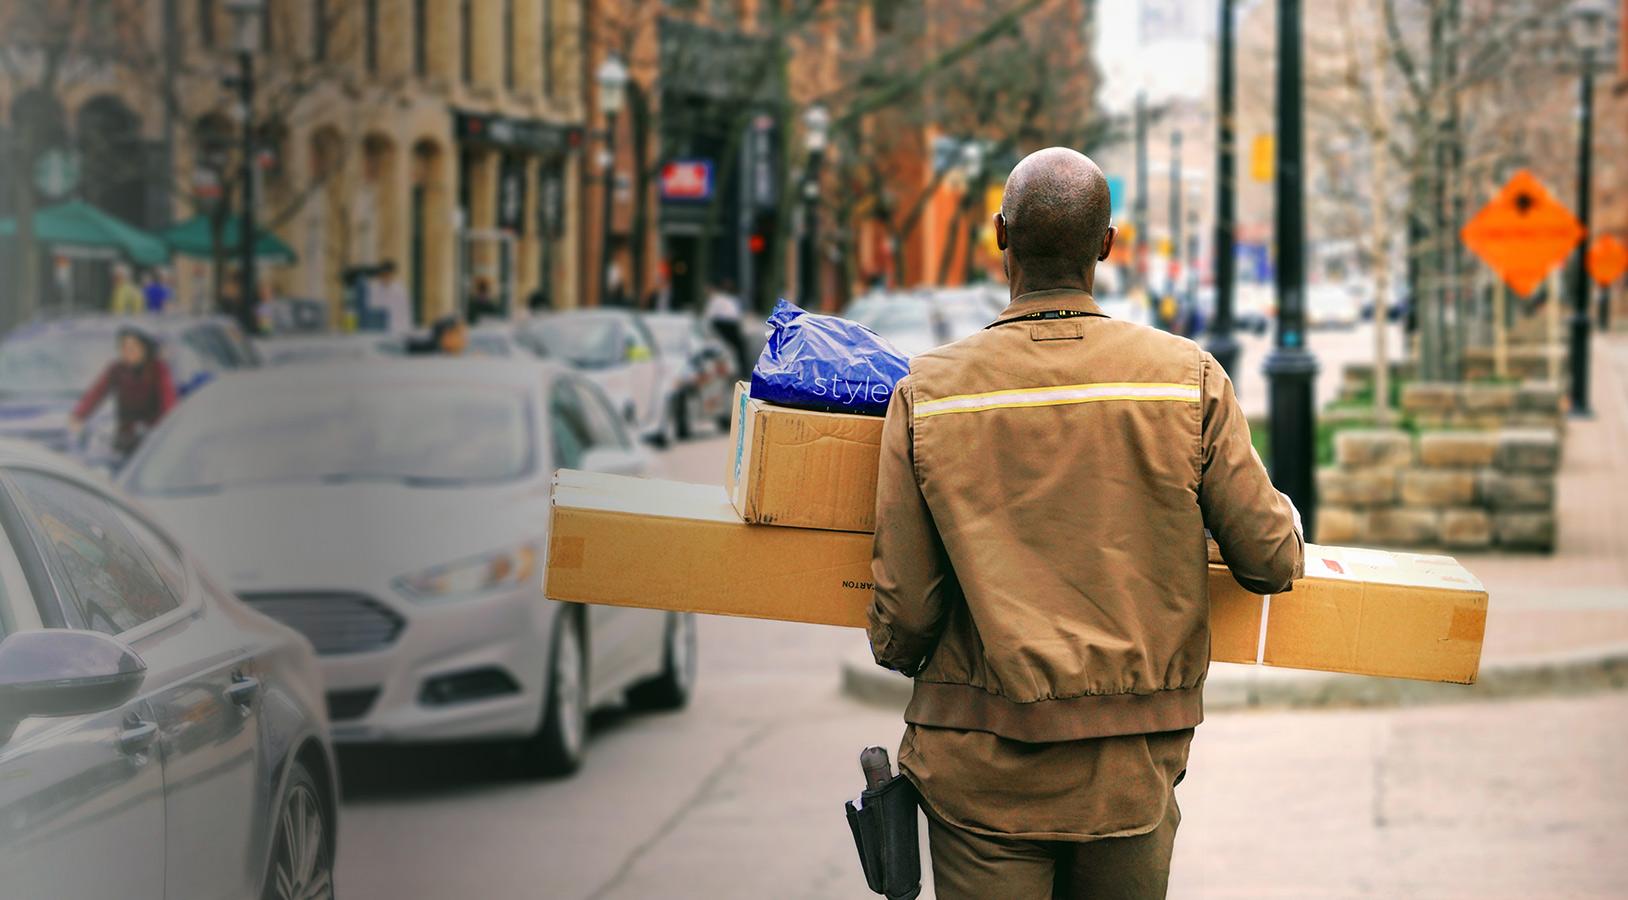 Livreur se promenant avec des colis lors d'une livraison